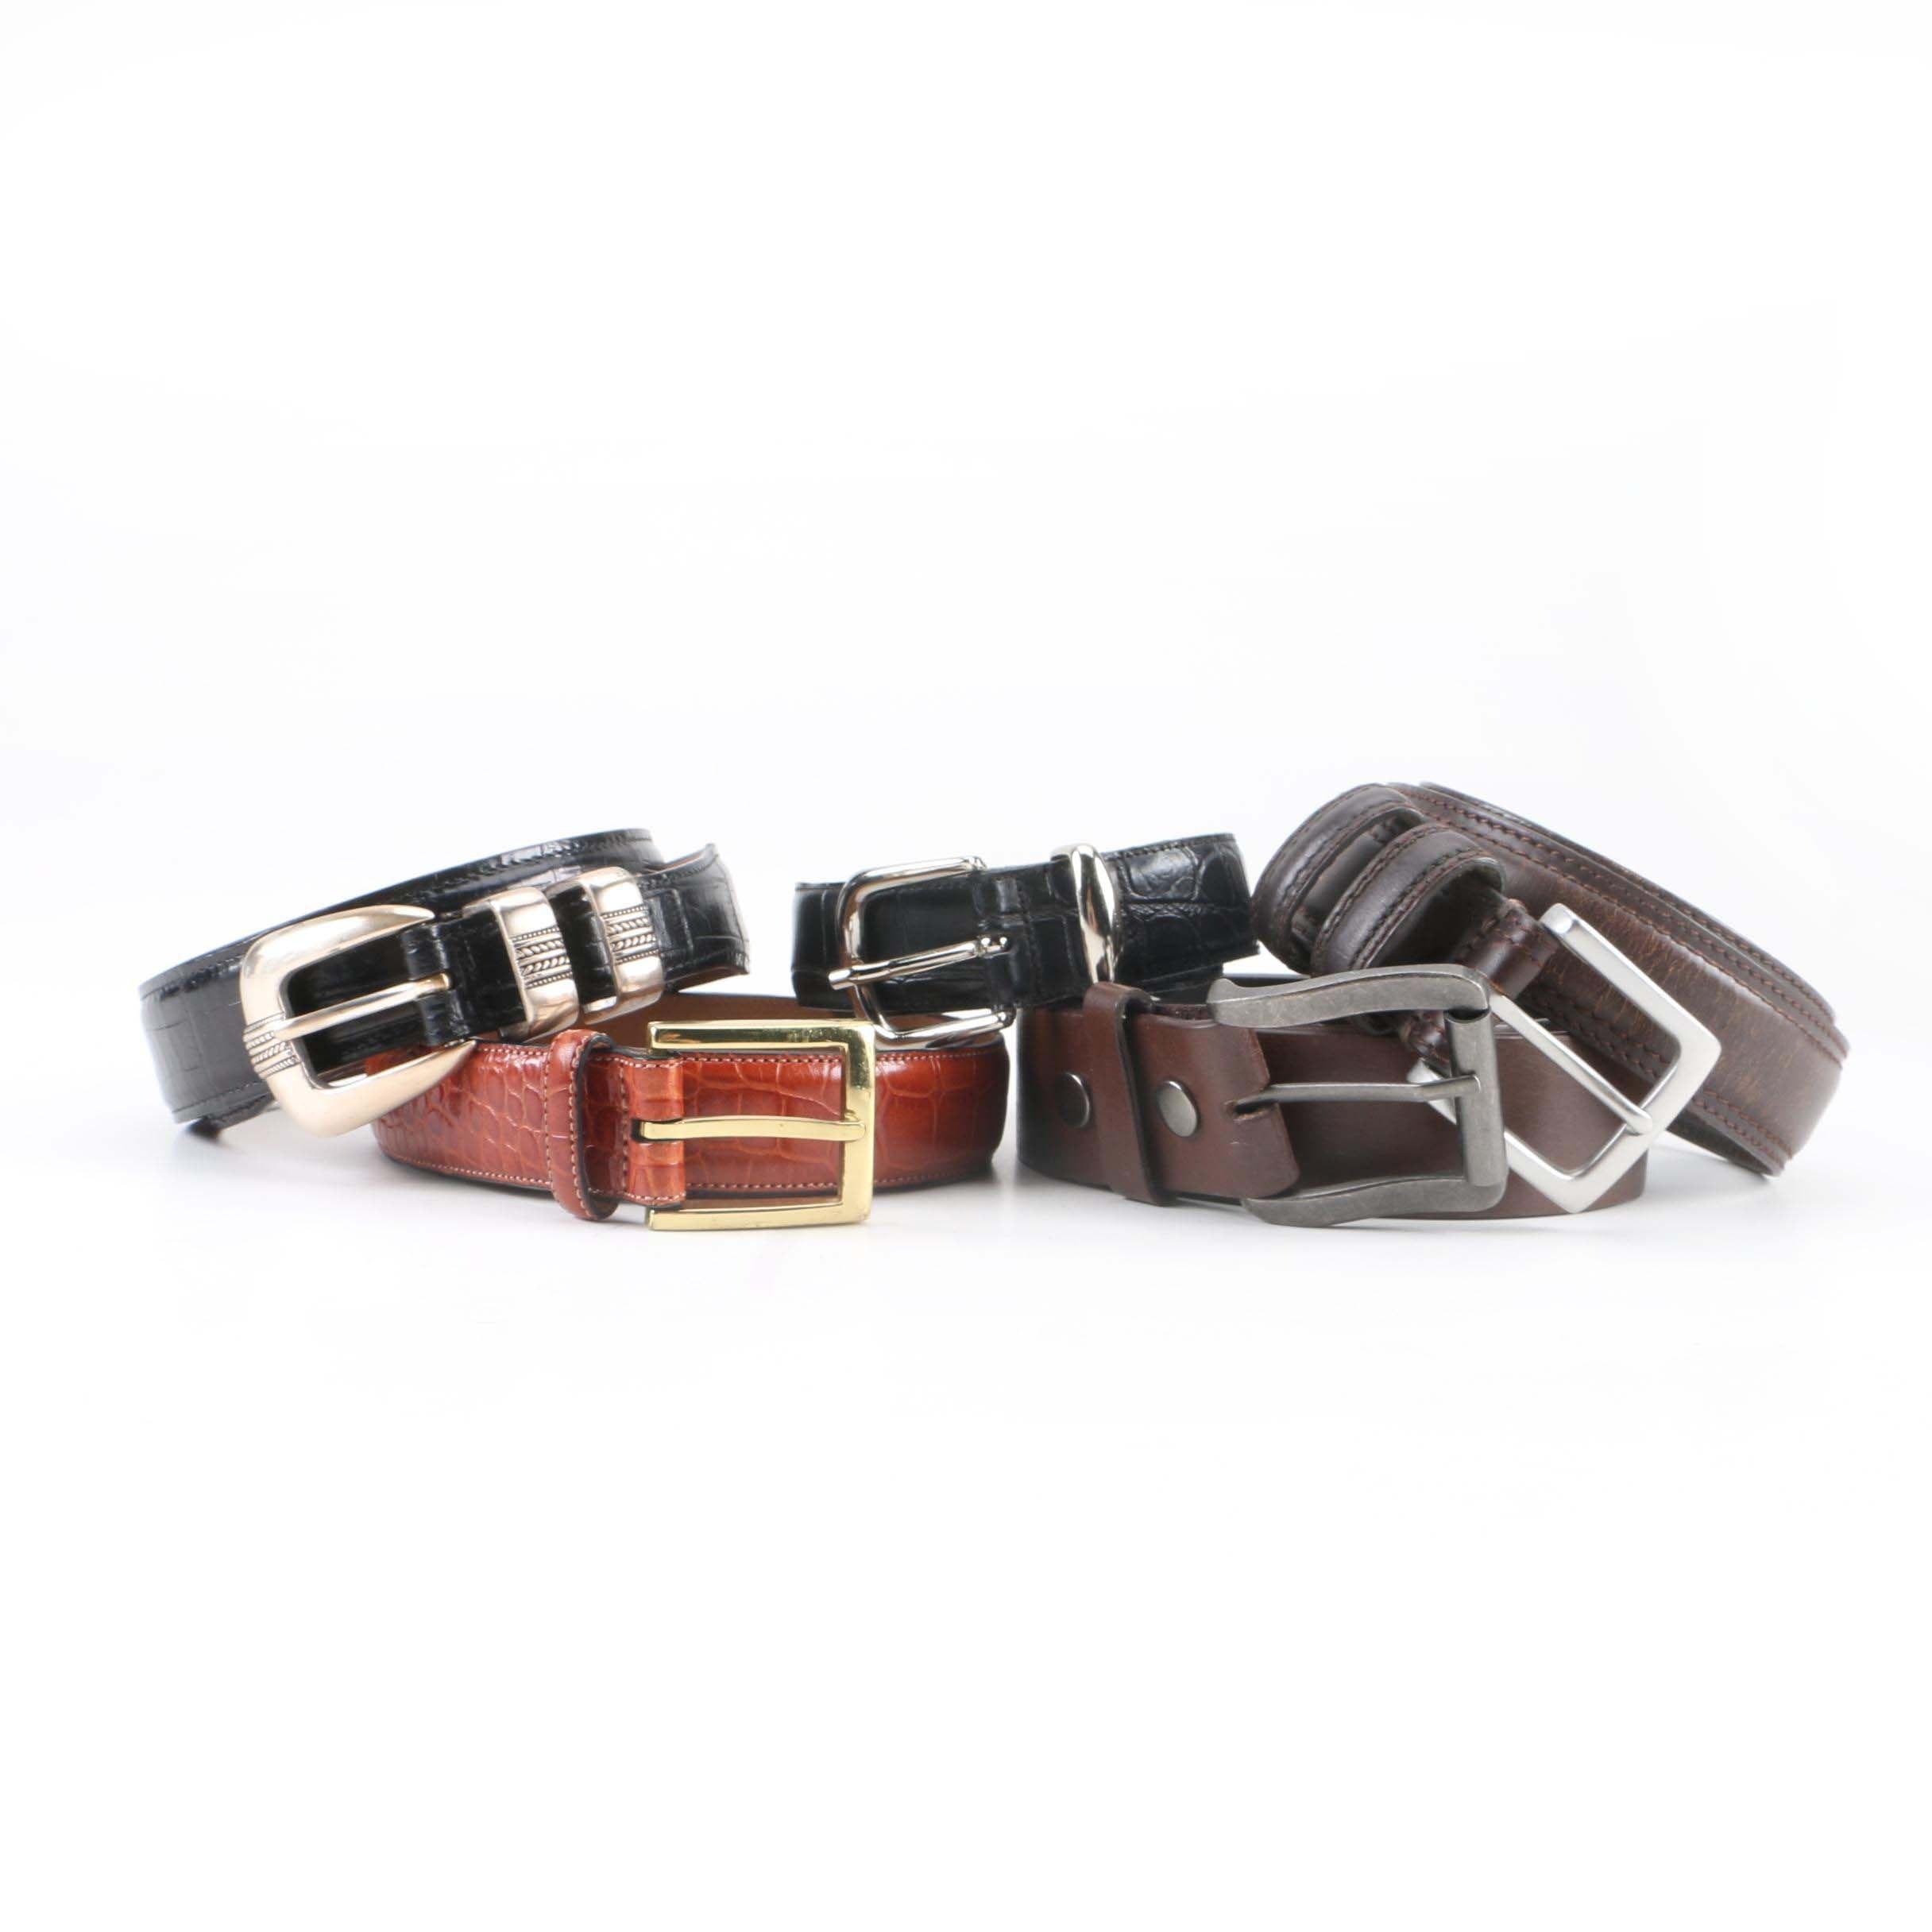 Men's Leather Belts Including Tommy Hilfiger and J. Ferrar